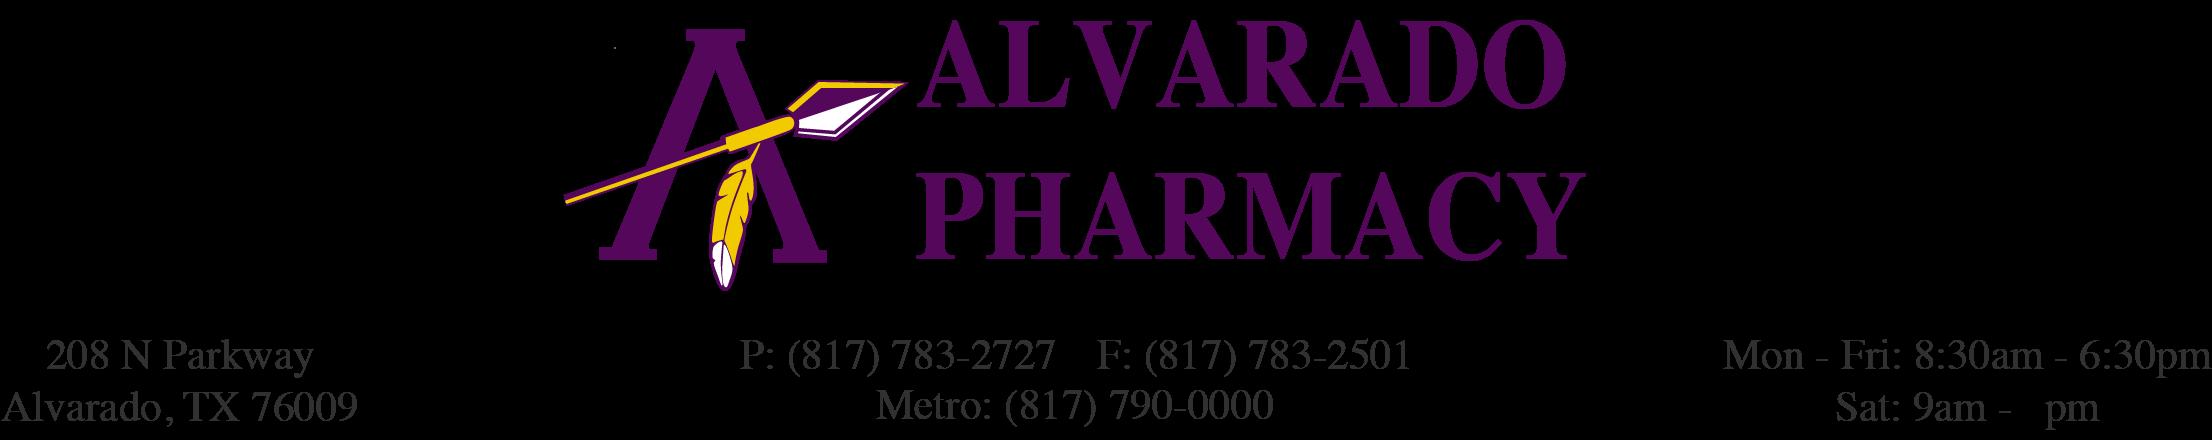 Alvarado Pharmacy